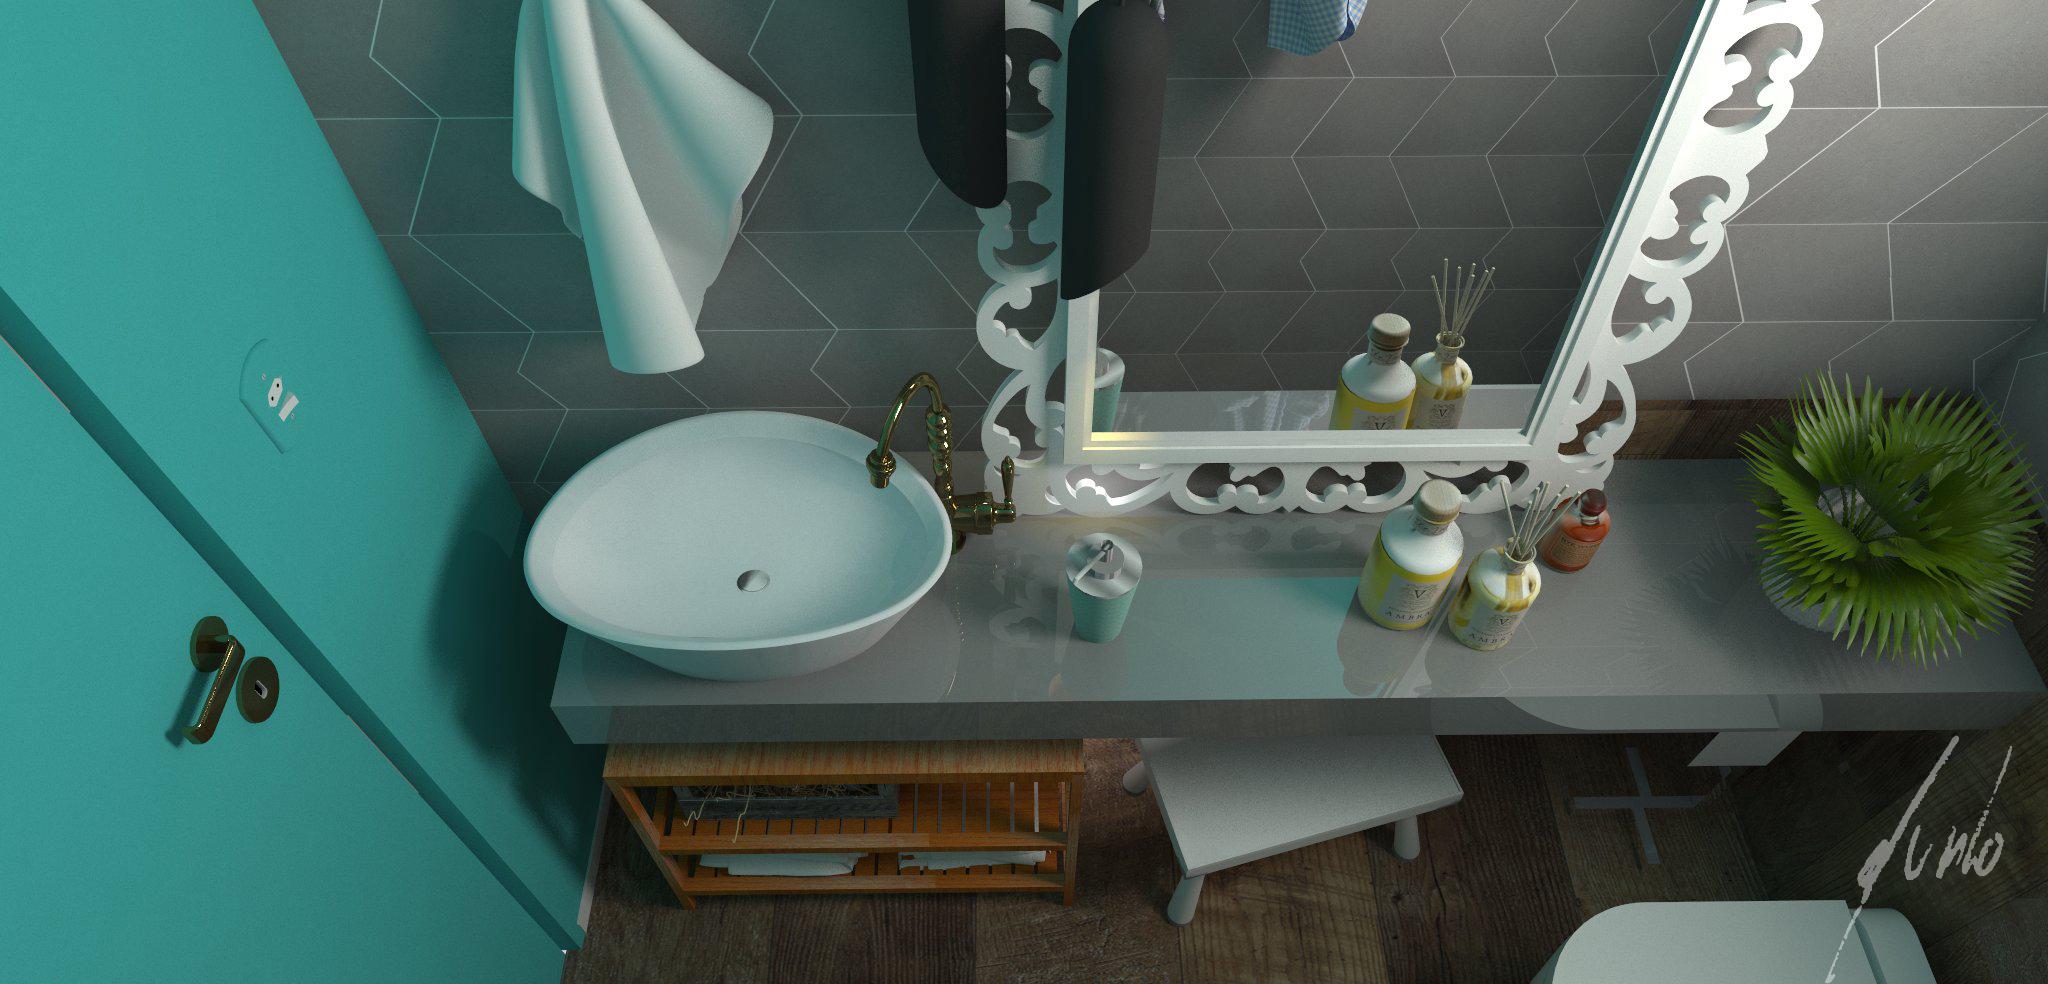 simples lavabo de madeira projetos de lavabos modernos banheiros  #368581 2048 984